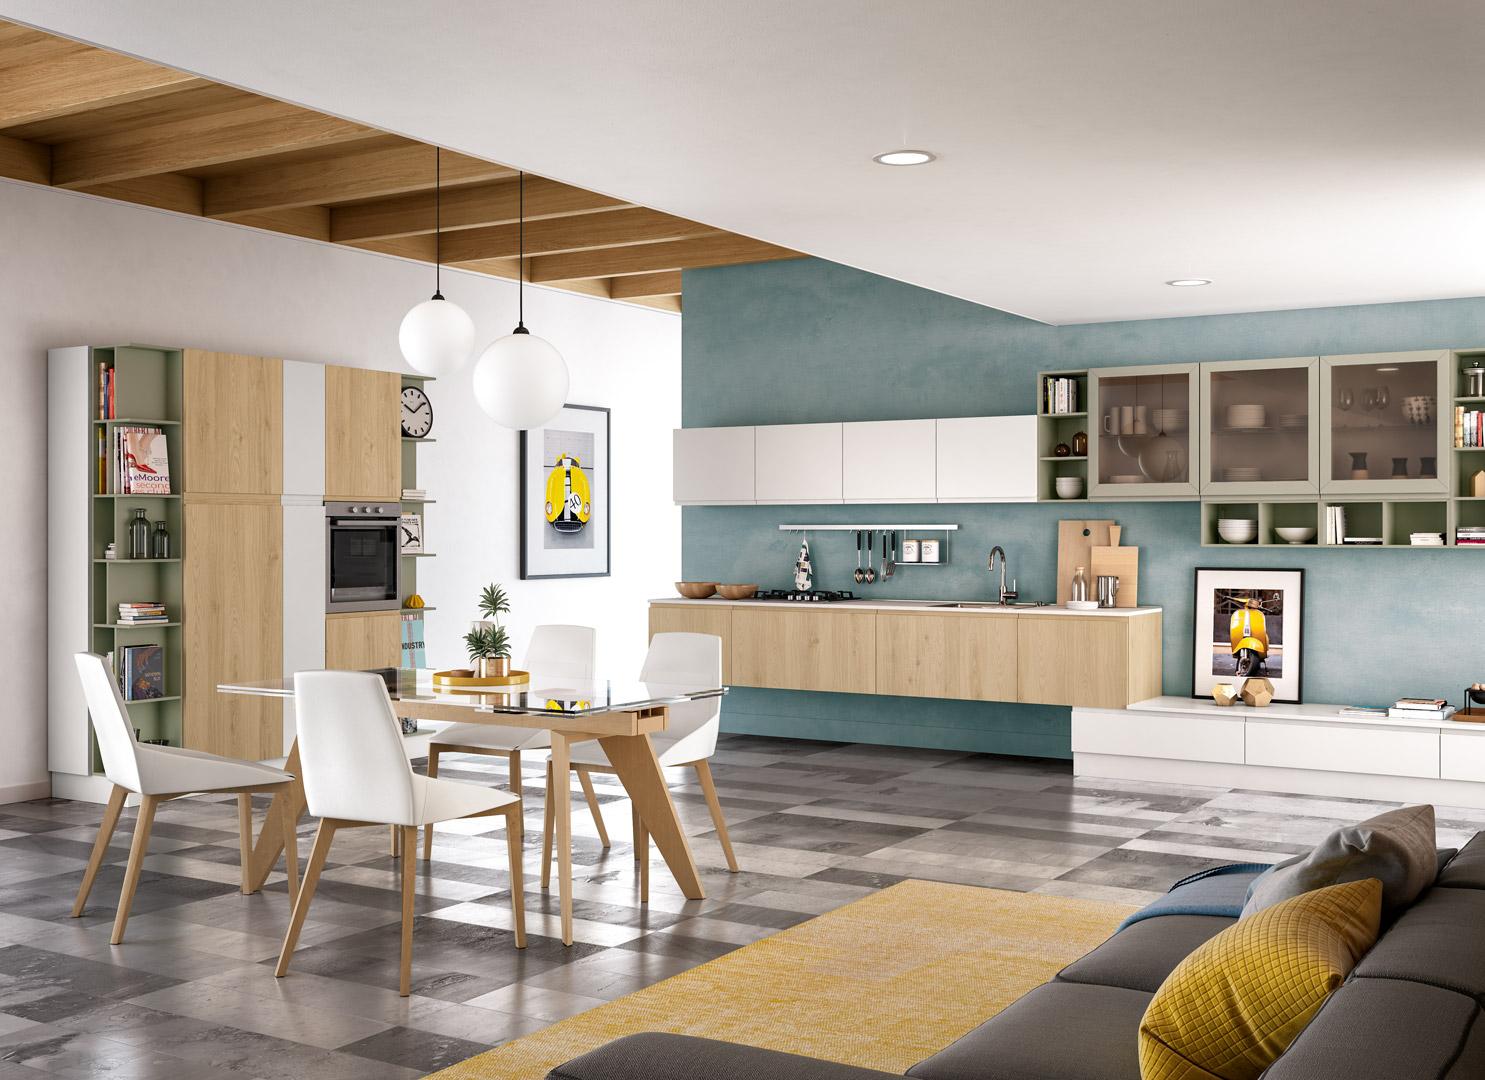 La concezione di cucina e soggiorno open space moderno abolisce le. Come Arredare Cucina Open Space E Soggiorno Distinguendo Gli Ambienti Arredare La Cucina